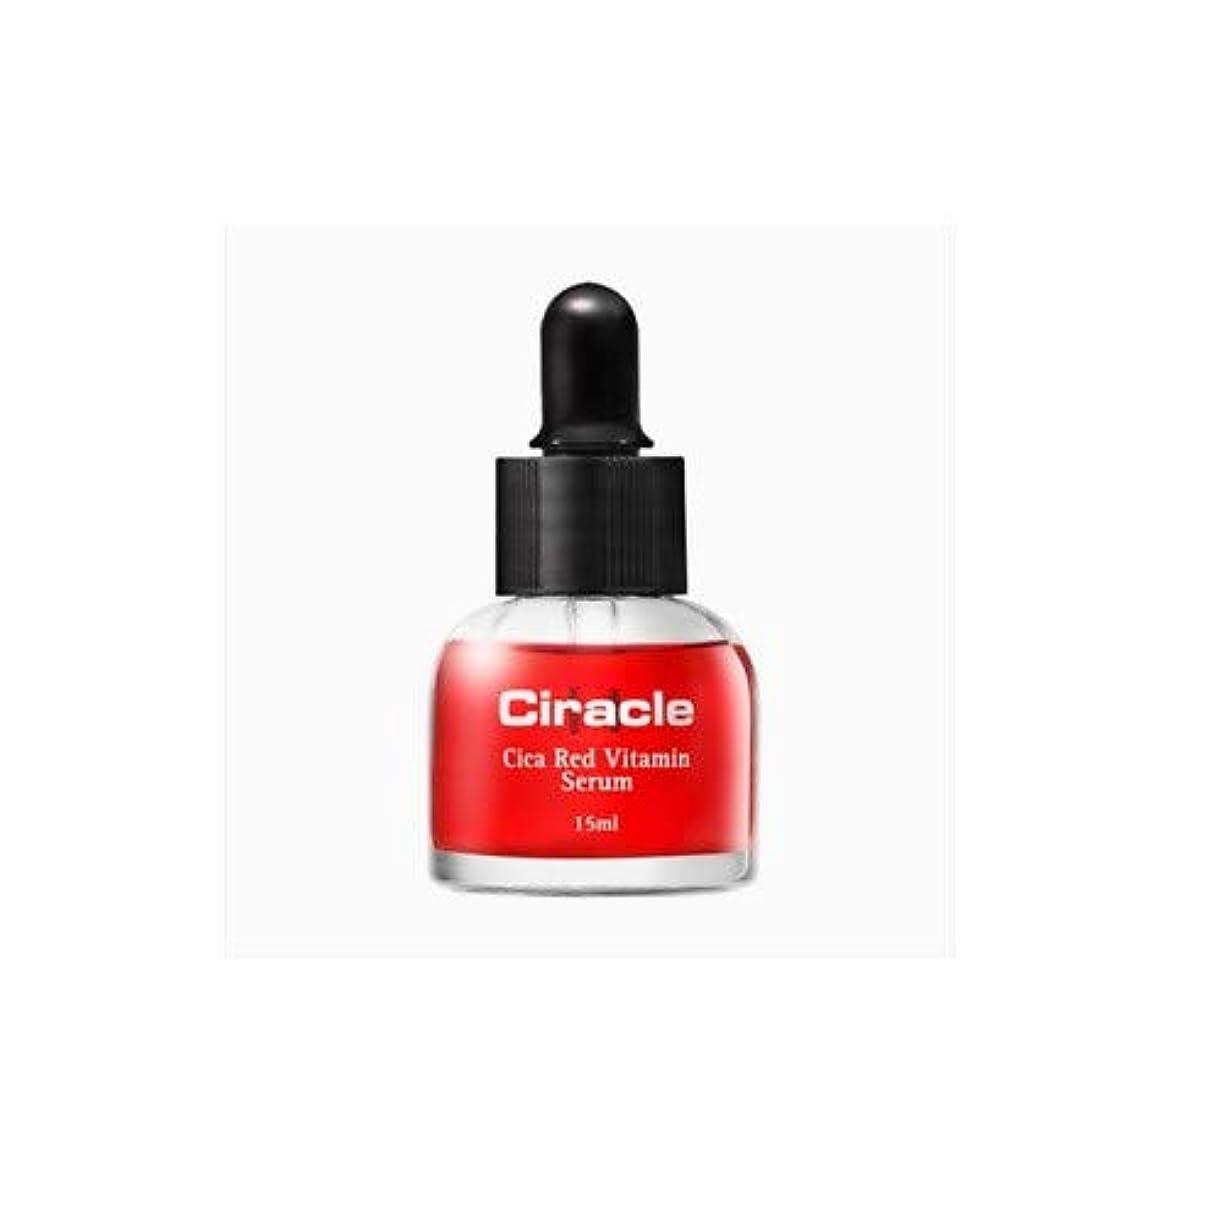 Ciracle シラクル シカ?レッド ビタミン セラム 角質ケア 保湿効果 美白 トラブル肌 敏感肌 エッセンス